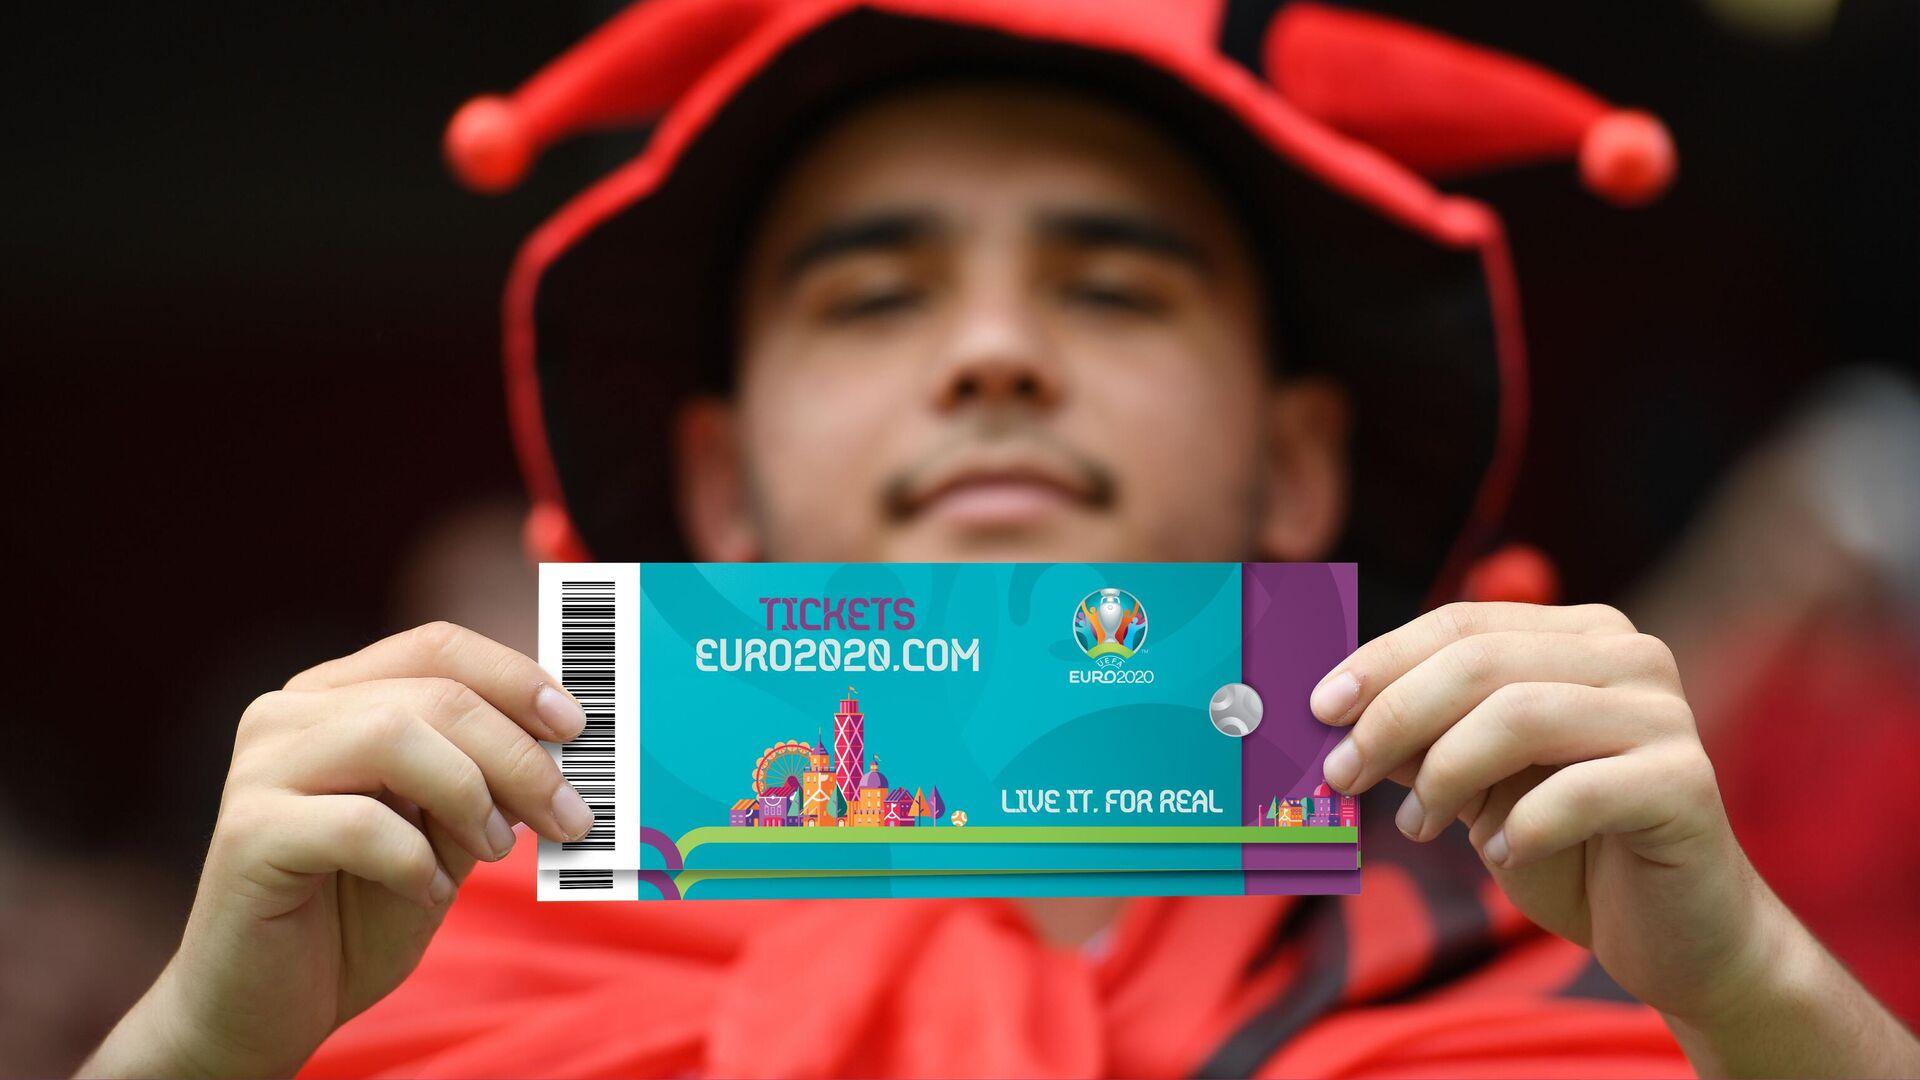 Билеты на матч ЕВРО-2020 - РИА Новости, 1920, 14.01.2021